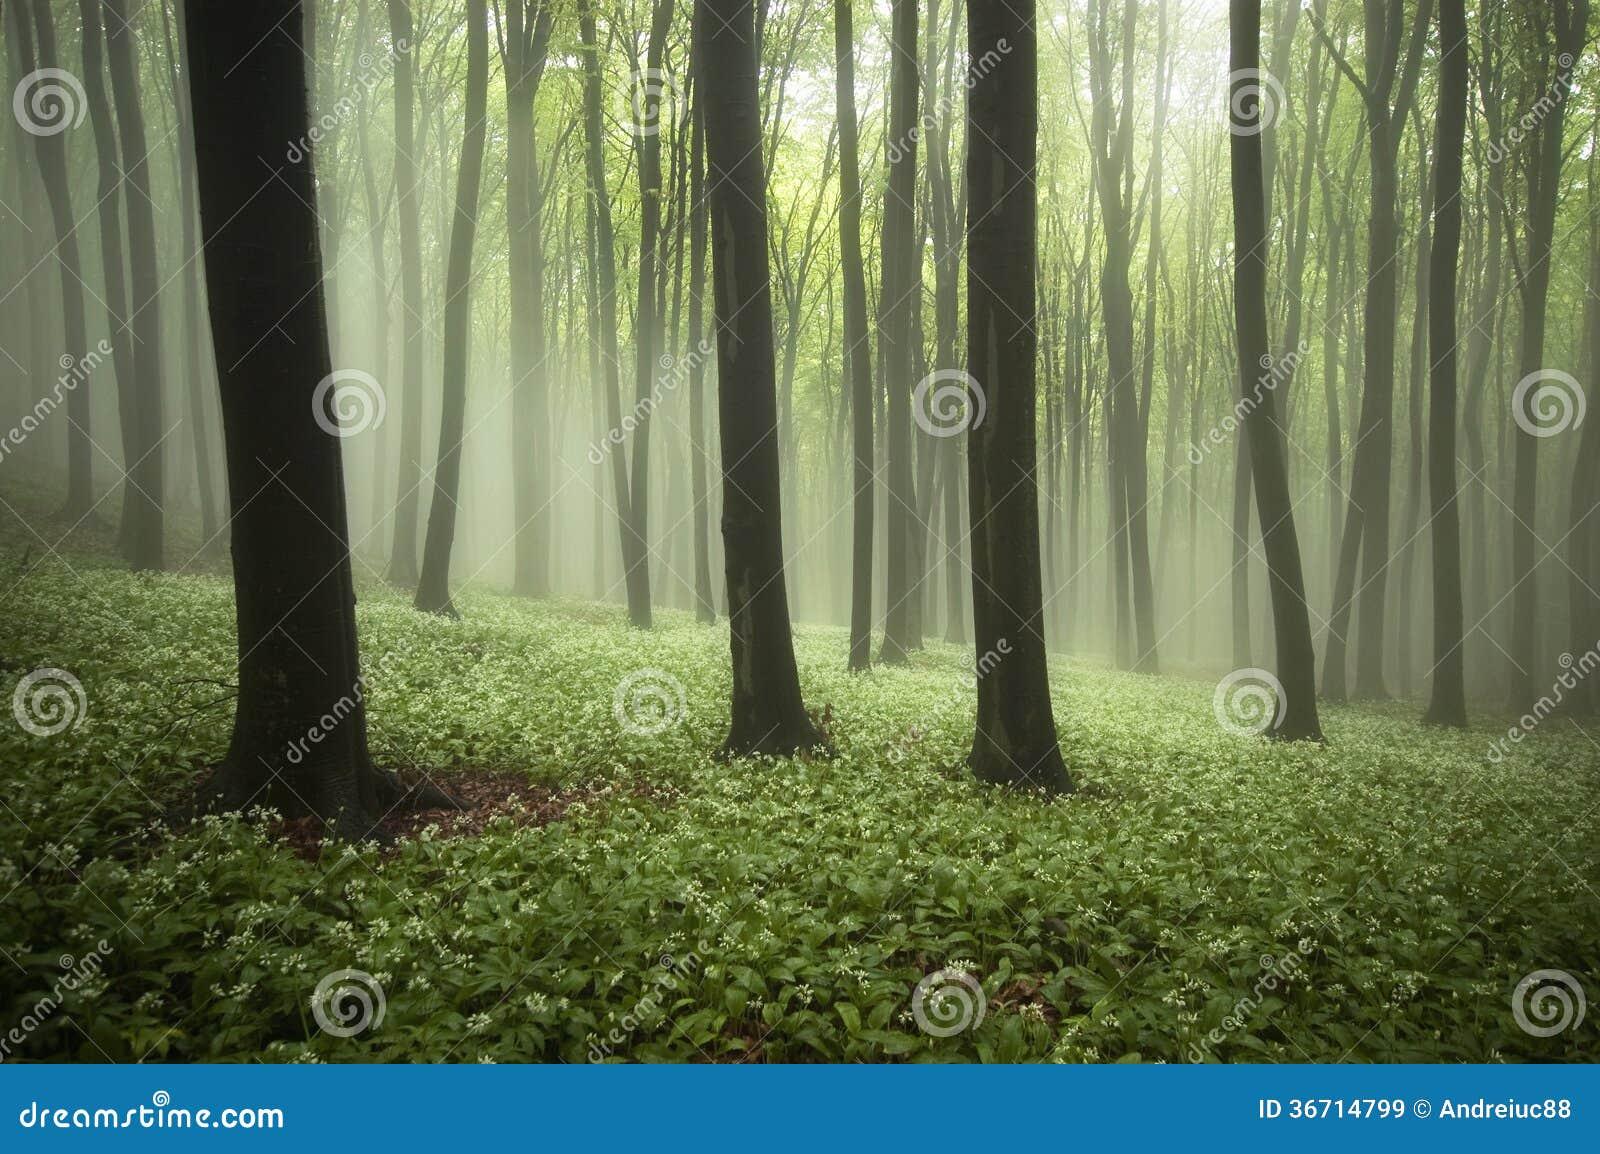 Όμορφο δάσος την άνοιξη με την ομίχλη, τις πράσινες εγκαταστάσεις και τα λουλούδια